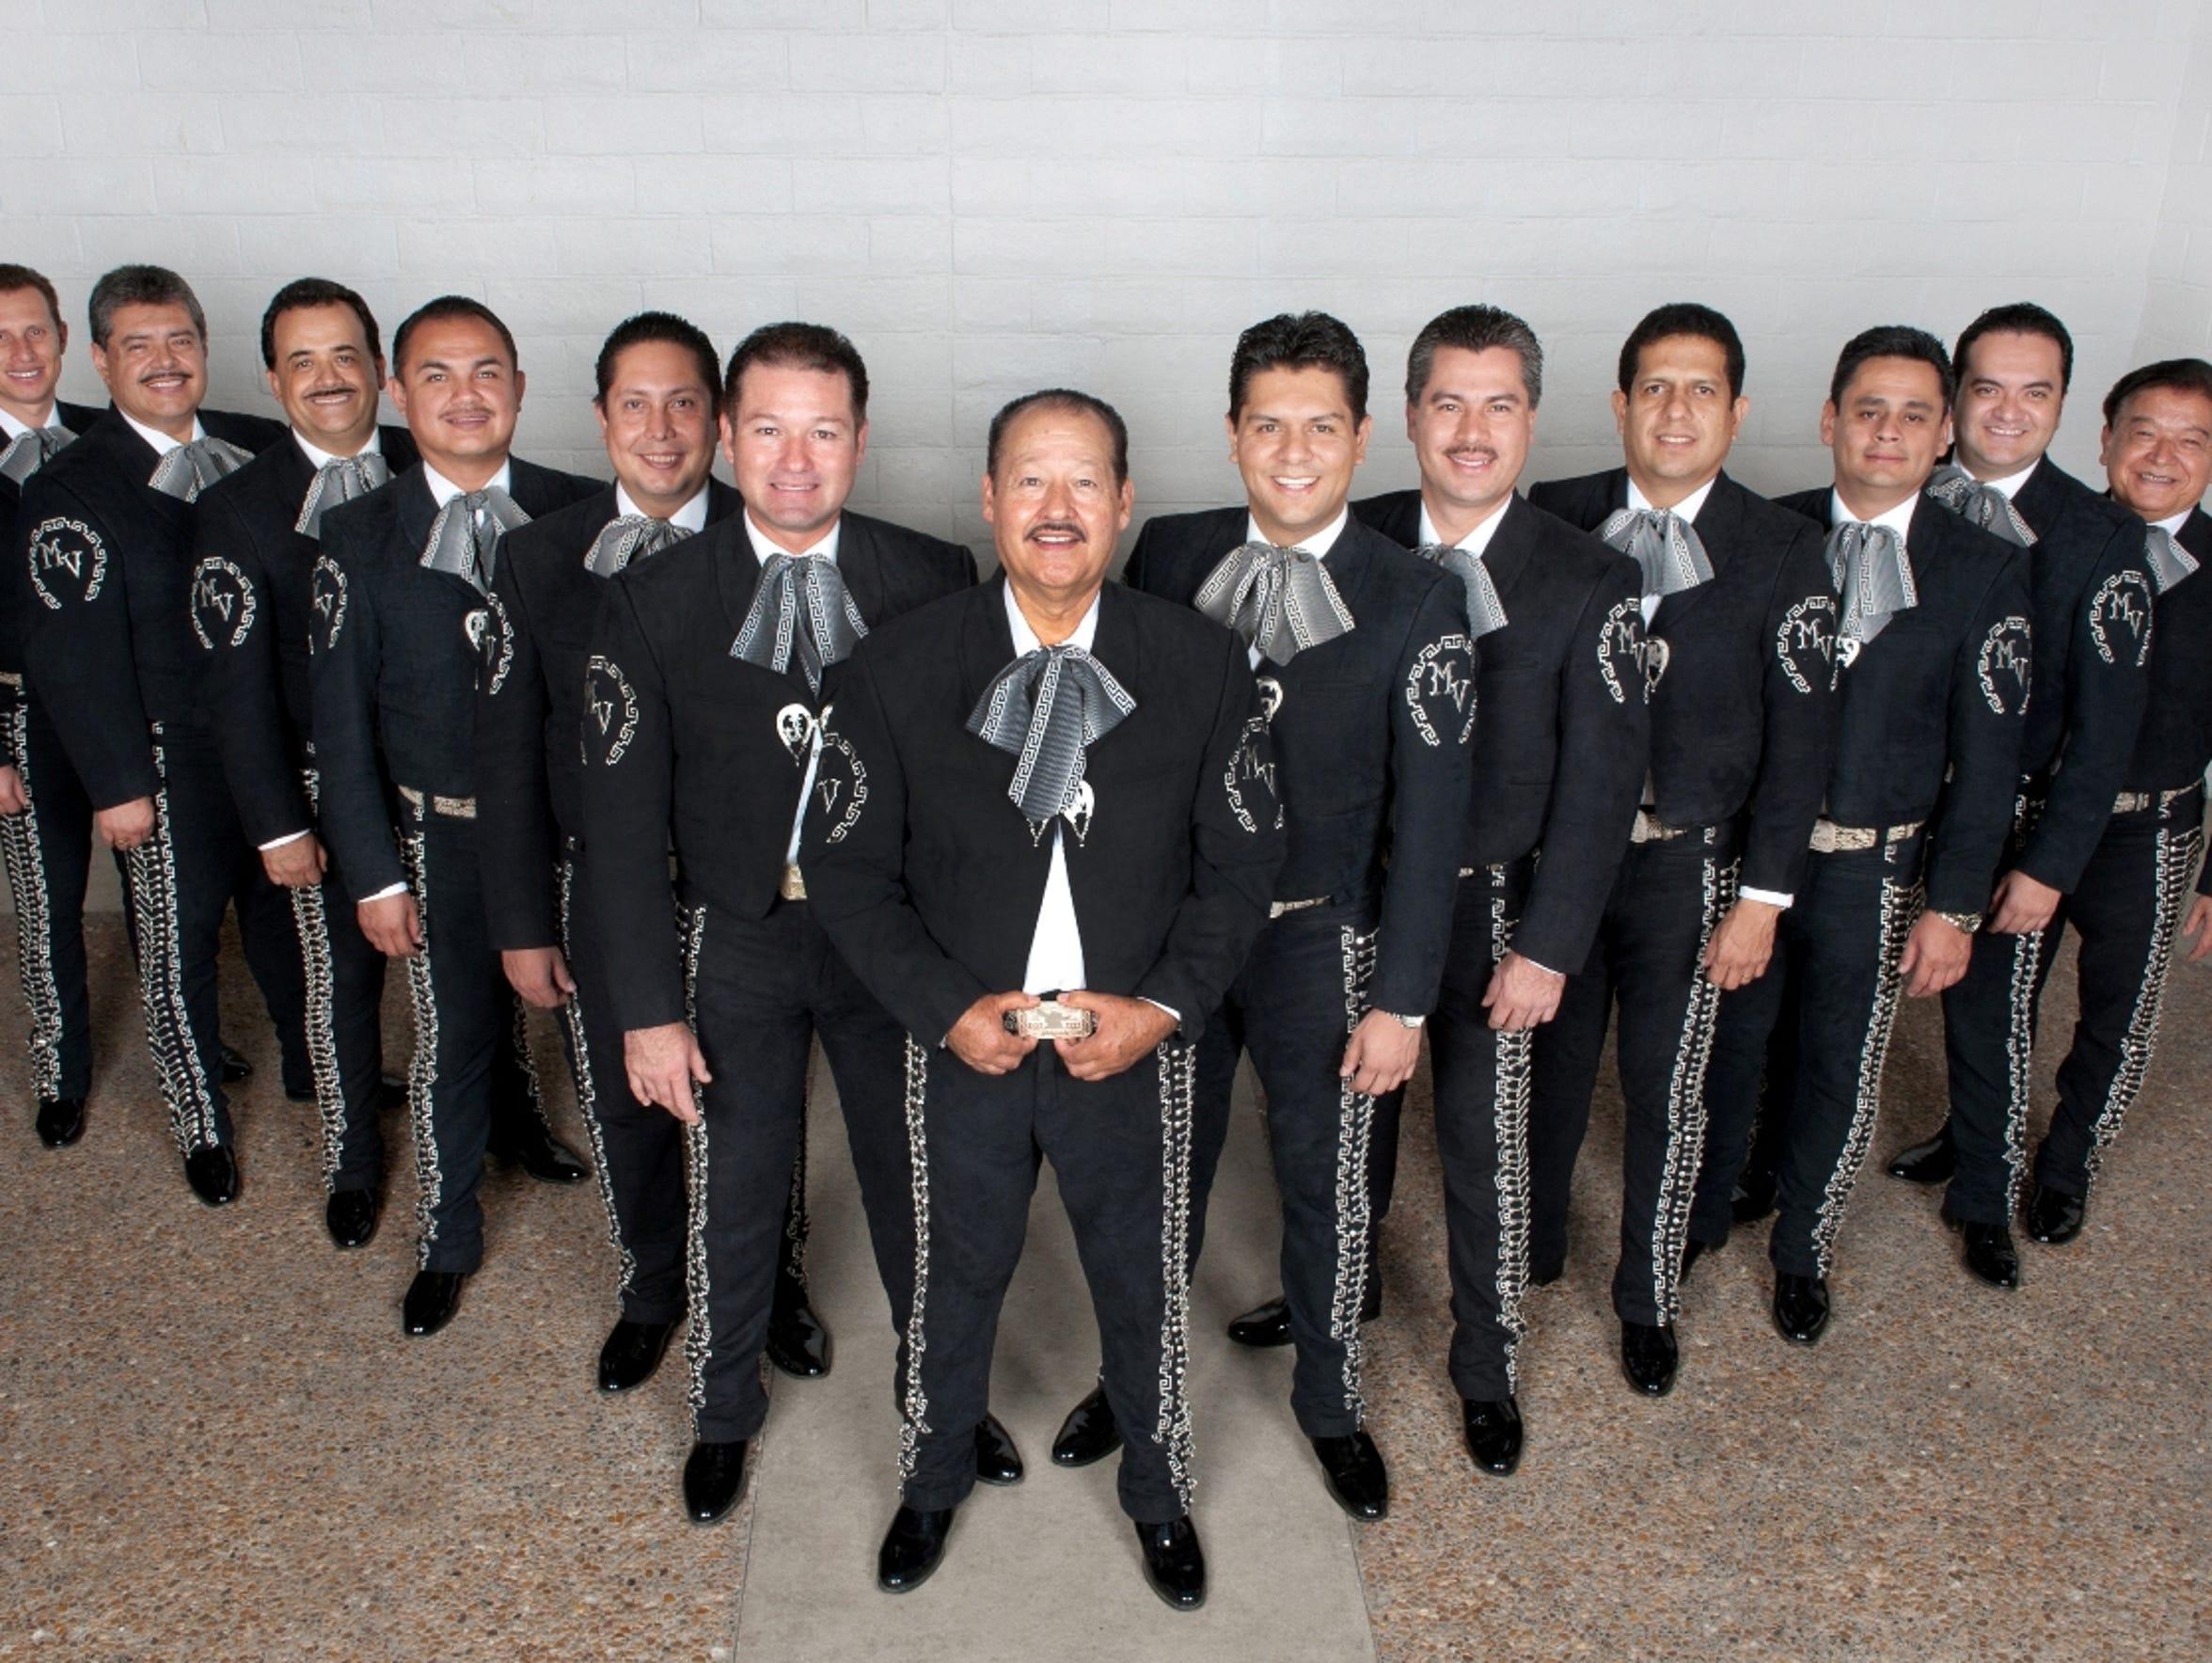 Mariachi Vargas de Tecalitlán is set to perform at